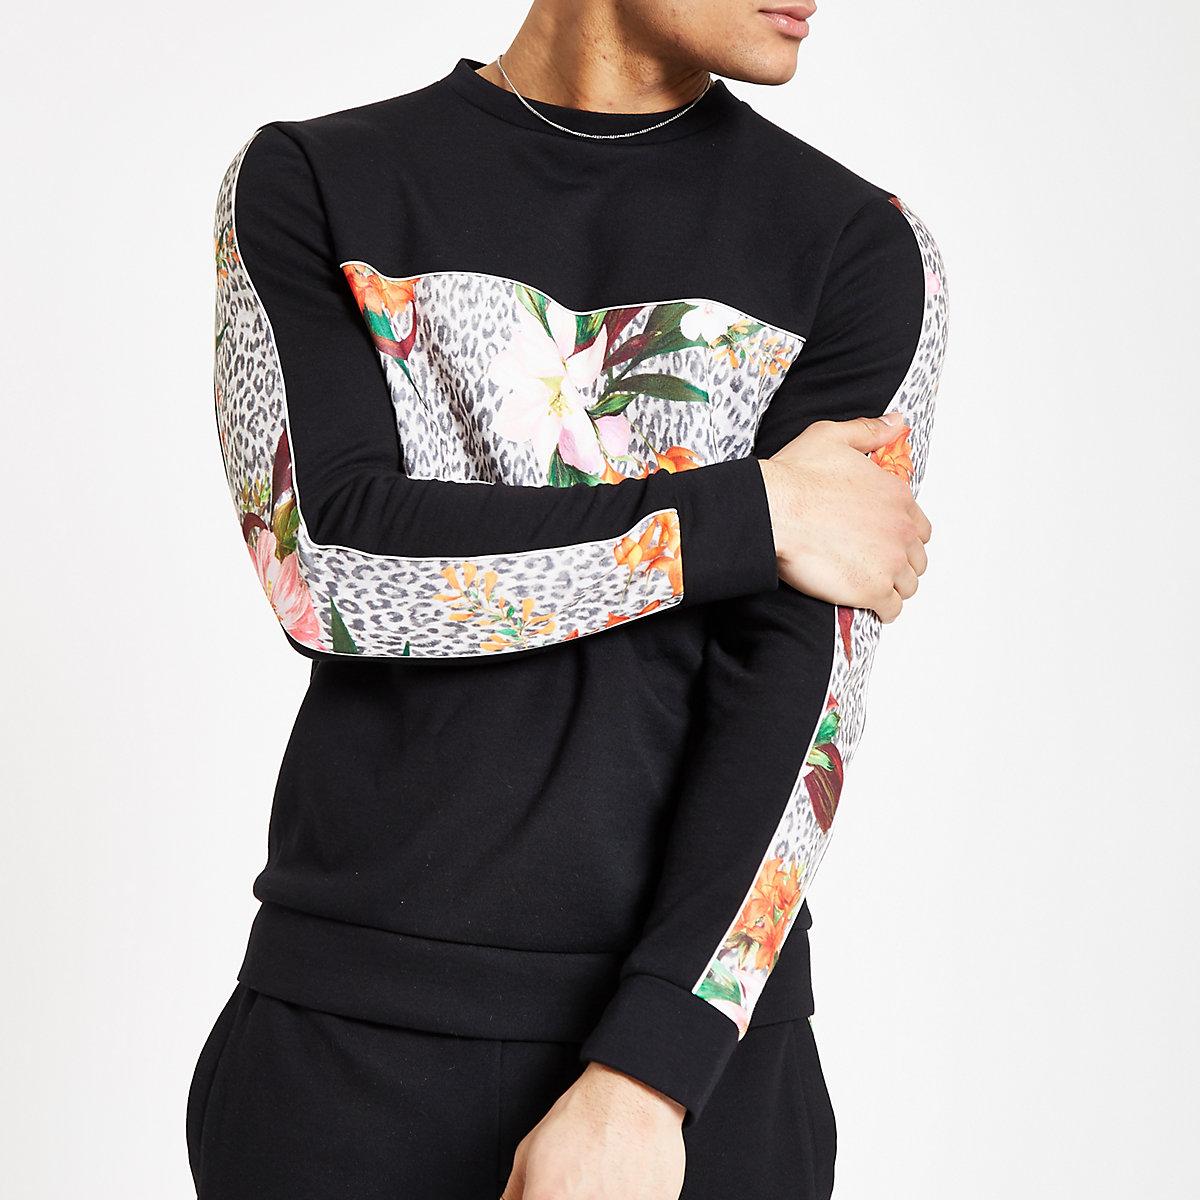 Black slim fit floral blocked sweatshirt